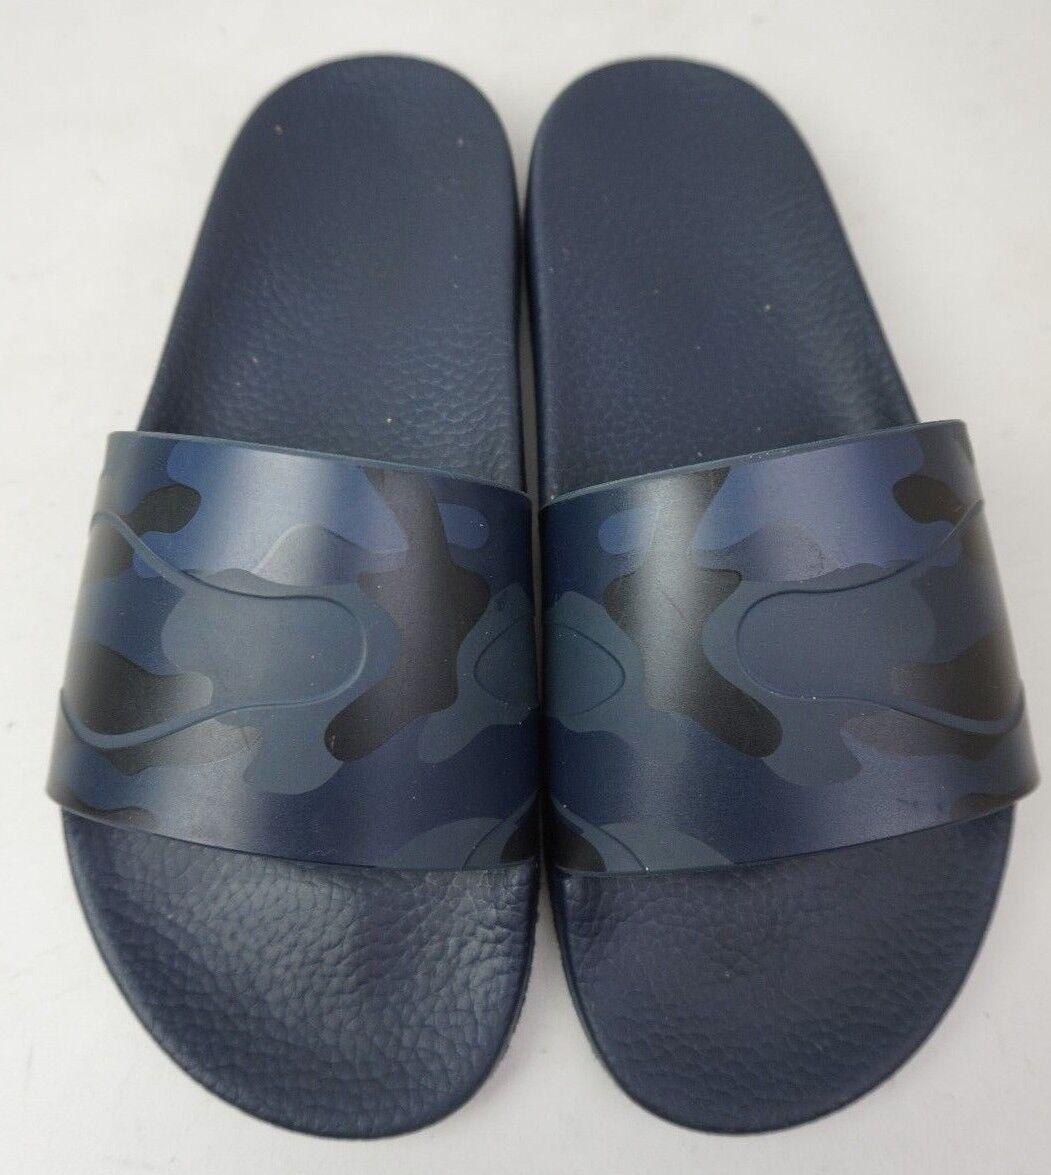 Gran descuento Melissa Sandalia Daikanyama men, Daikanyama sandals Men